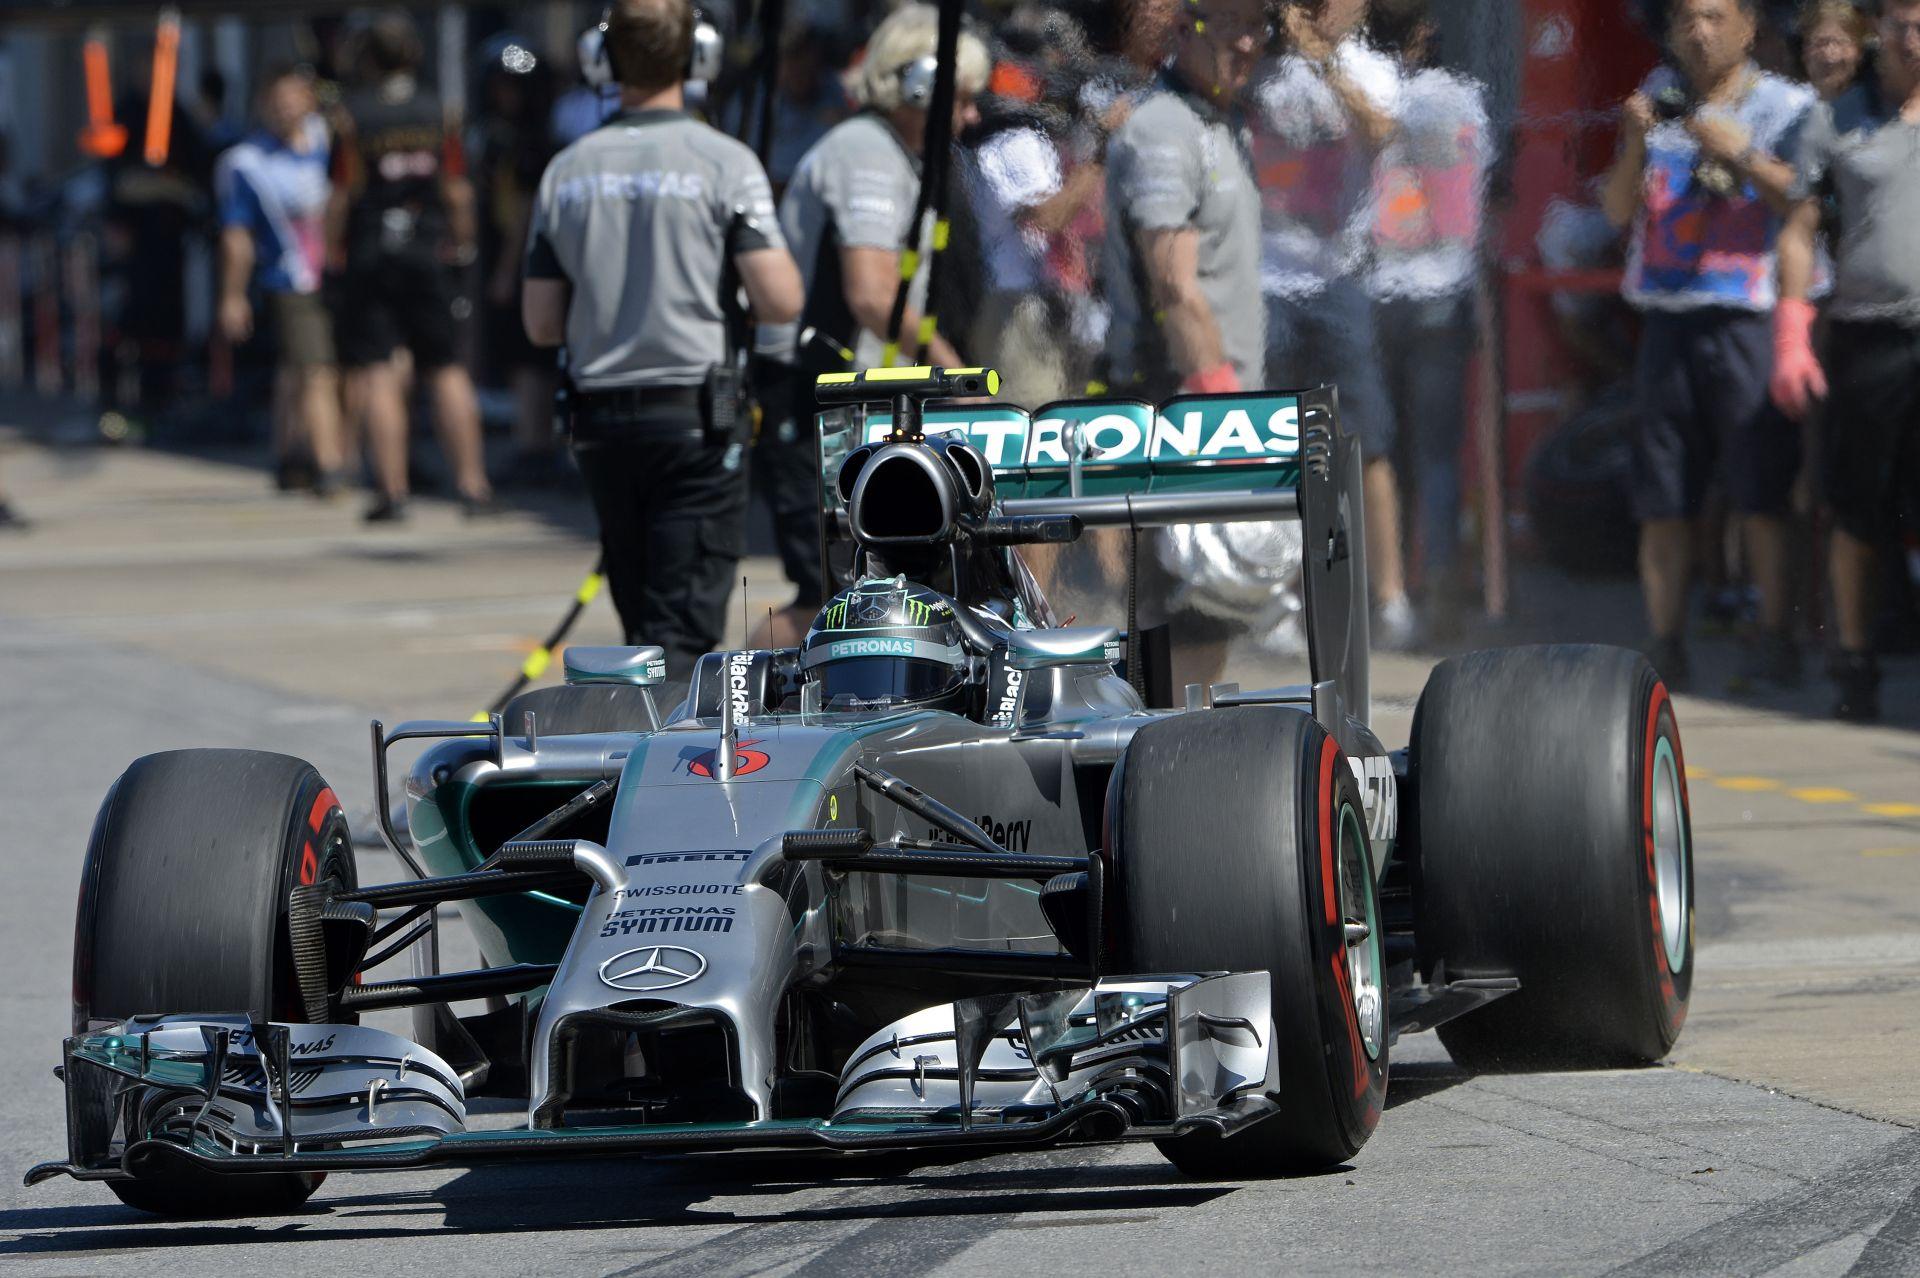 Rosberg meglepte Hamiltont, aki bízik benne, hogy szoros lesz a befutó vasárnap Montrealban! Vettel pedig elvan a harmadik helye